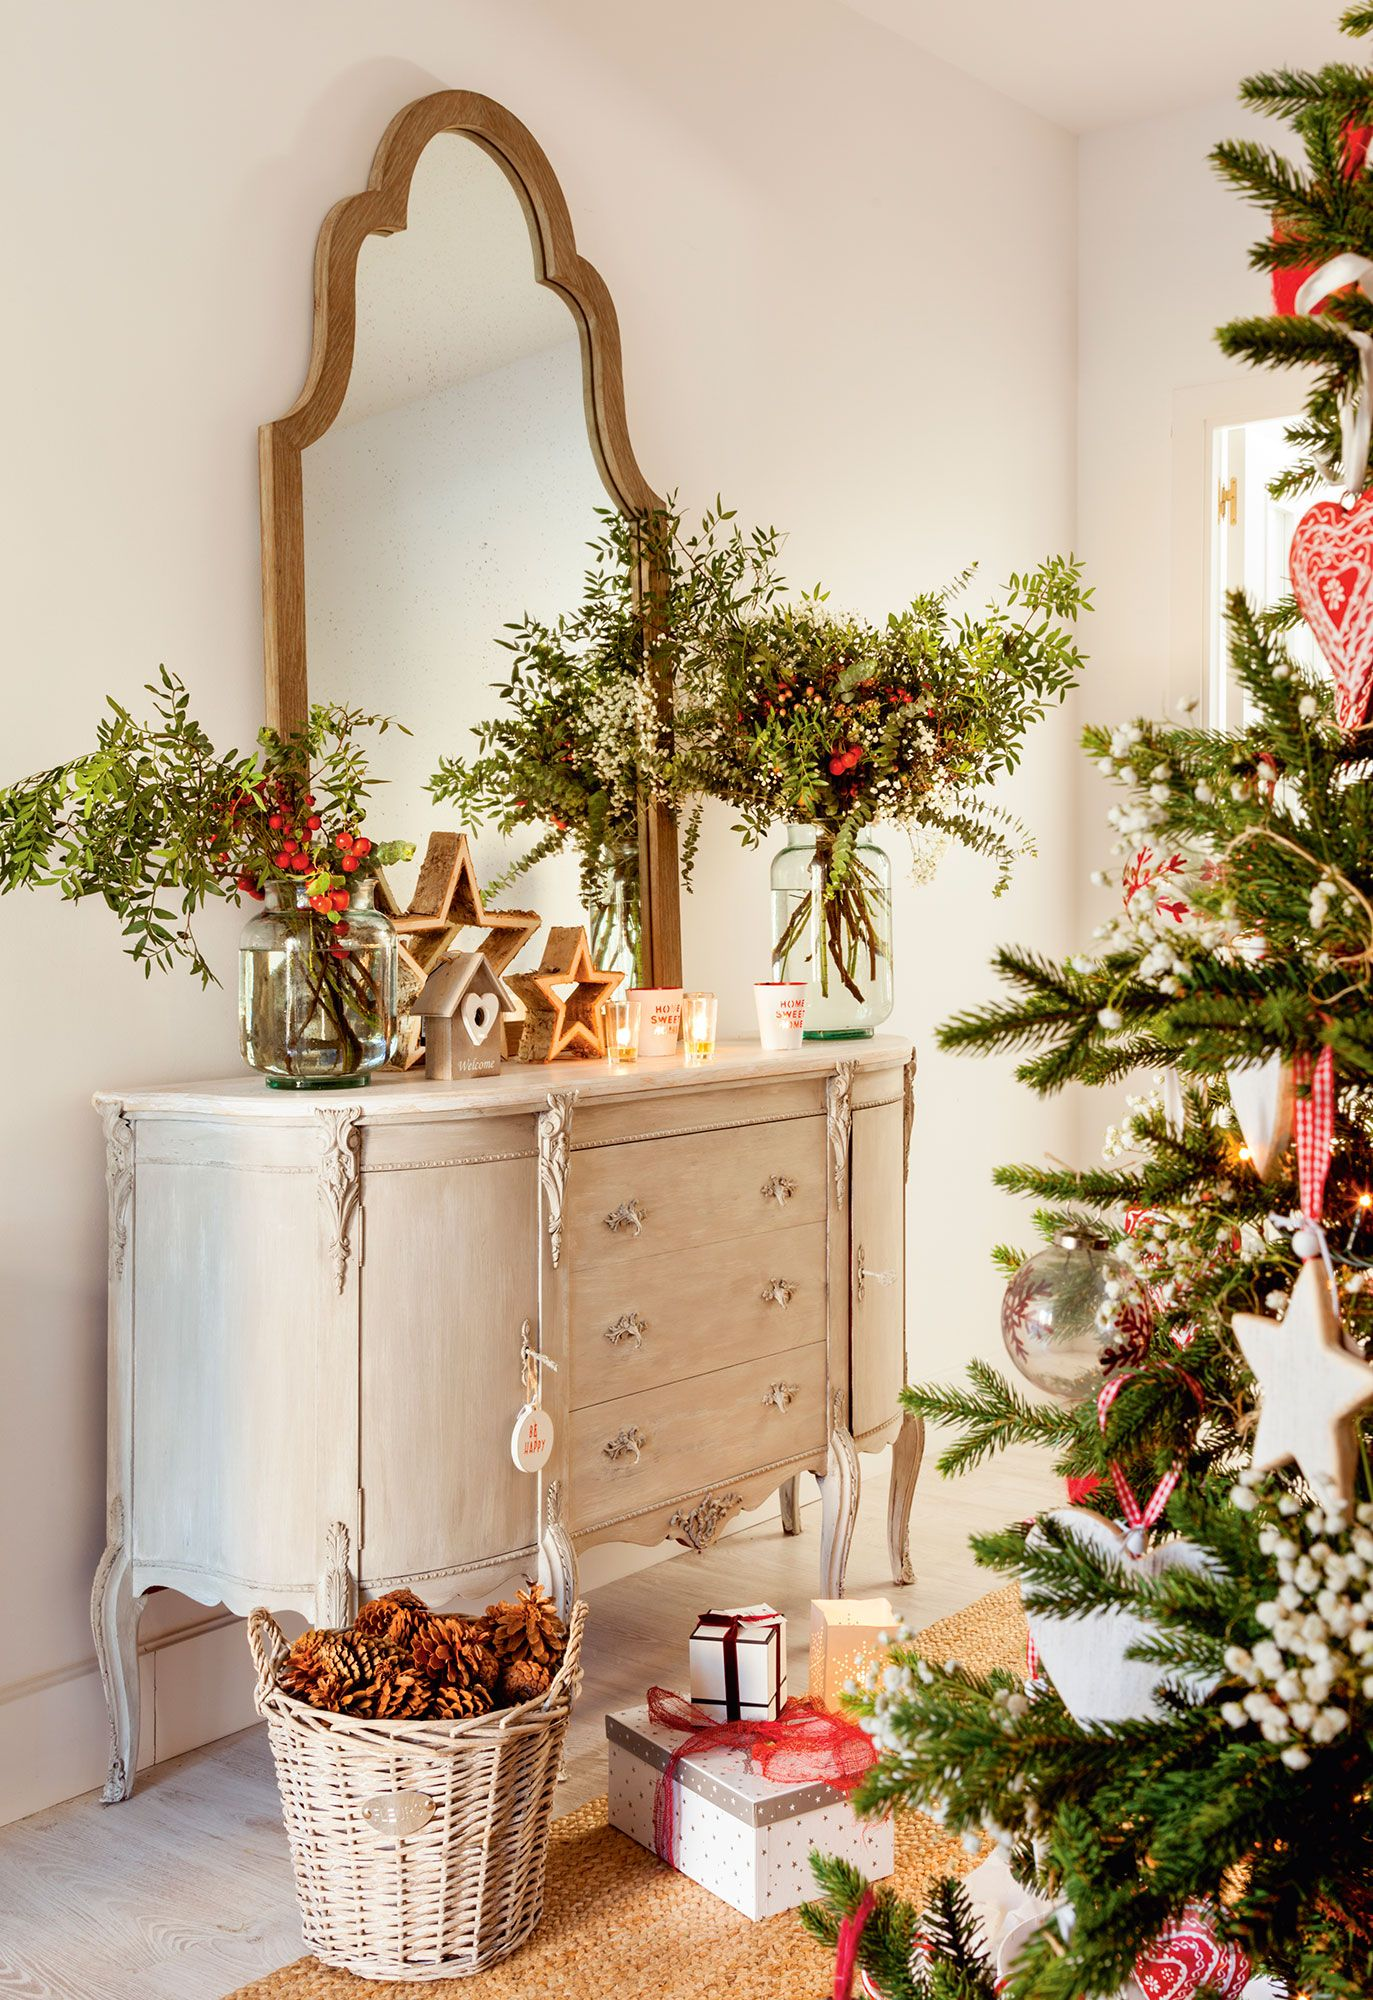 Navidad ideas para decorar de verde natural tu recibidor navidad pinterest verde natural - Ideas decorar recibidor ...